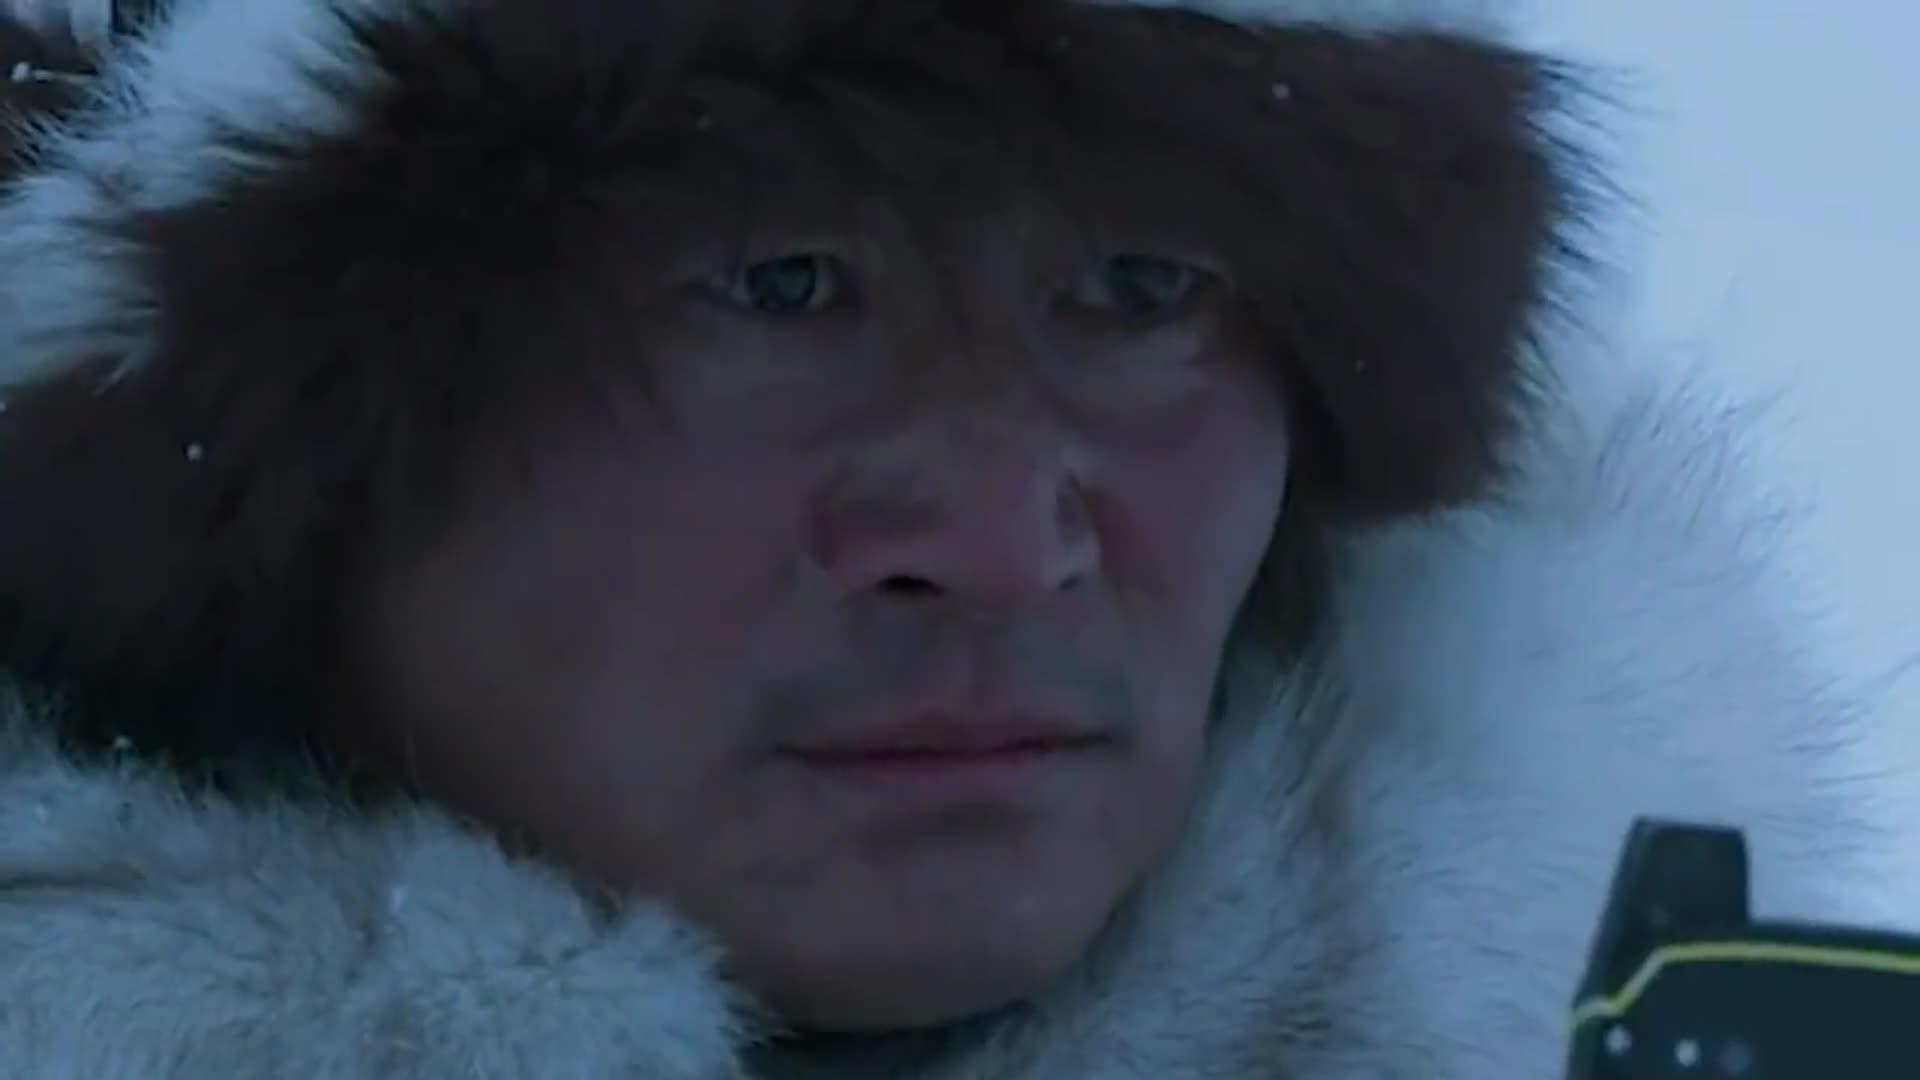 战狼3中龙小云被黑化成杀手,并且和冷锋进行生死决斗